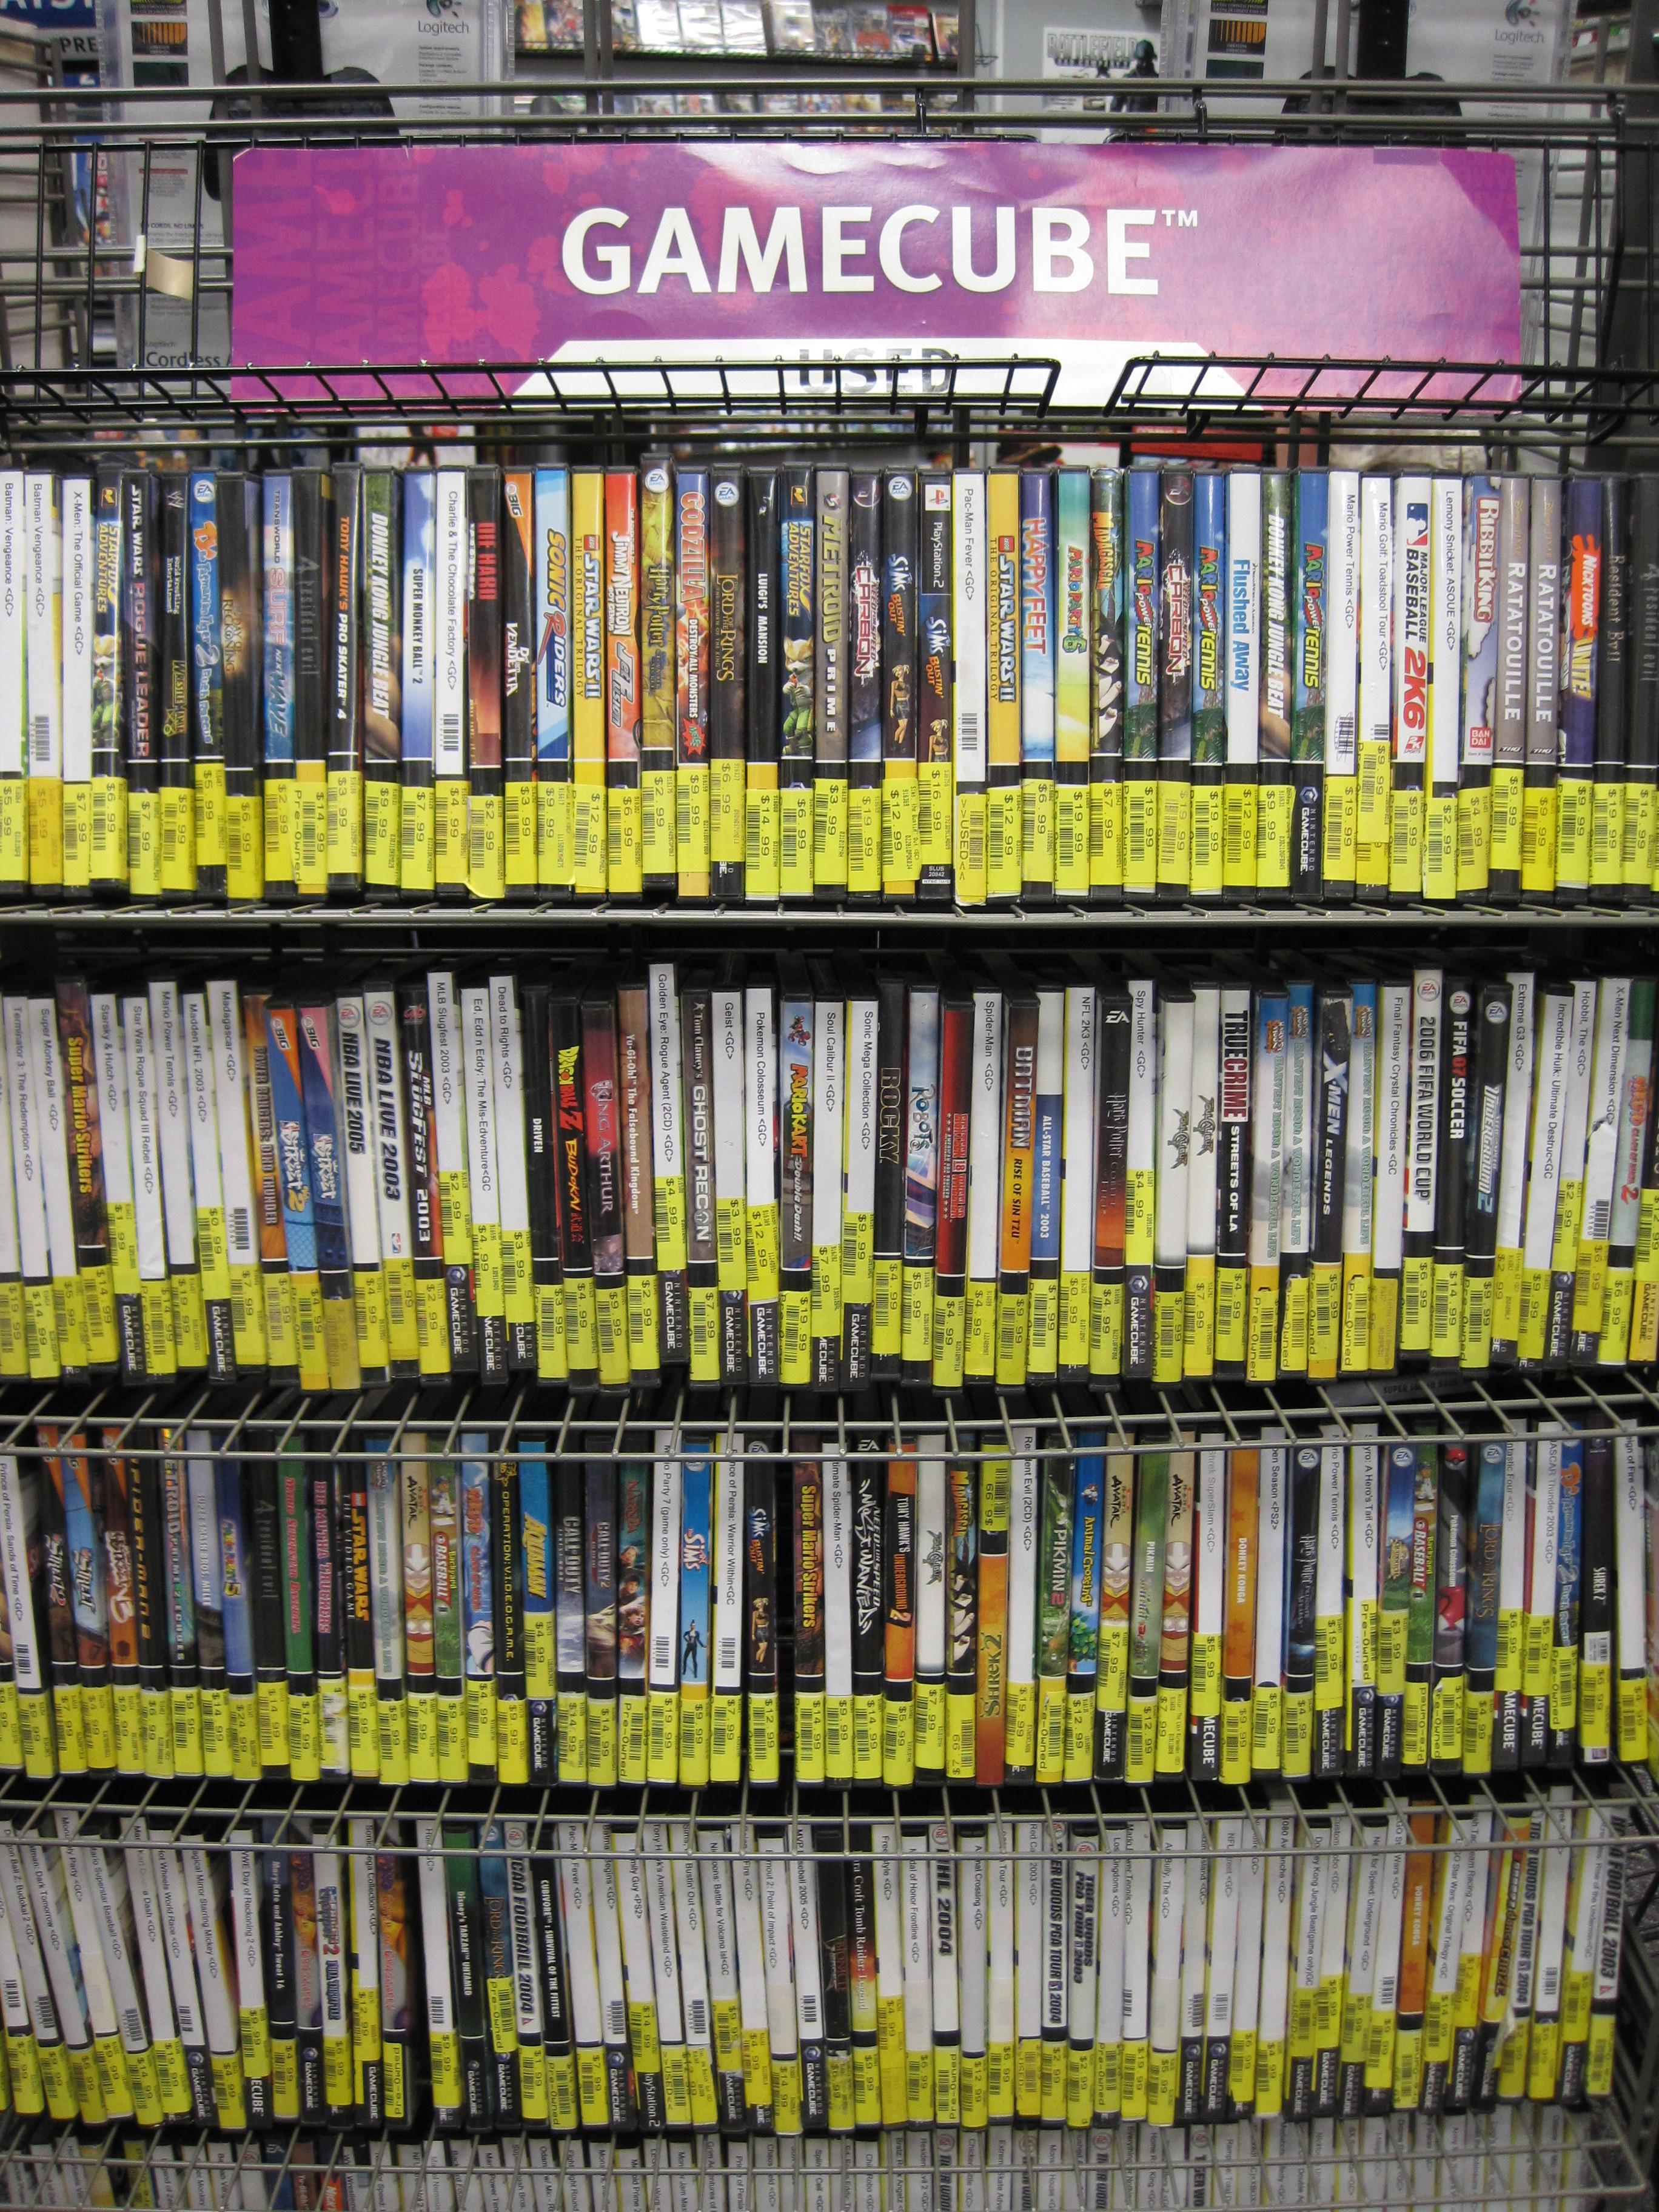 Used_Gamecube_games,_GameStop,_Tanforan.JPG